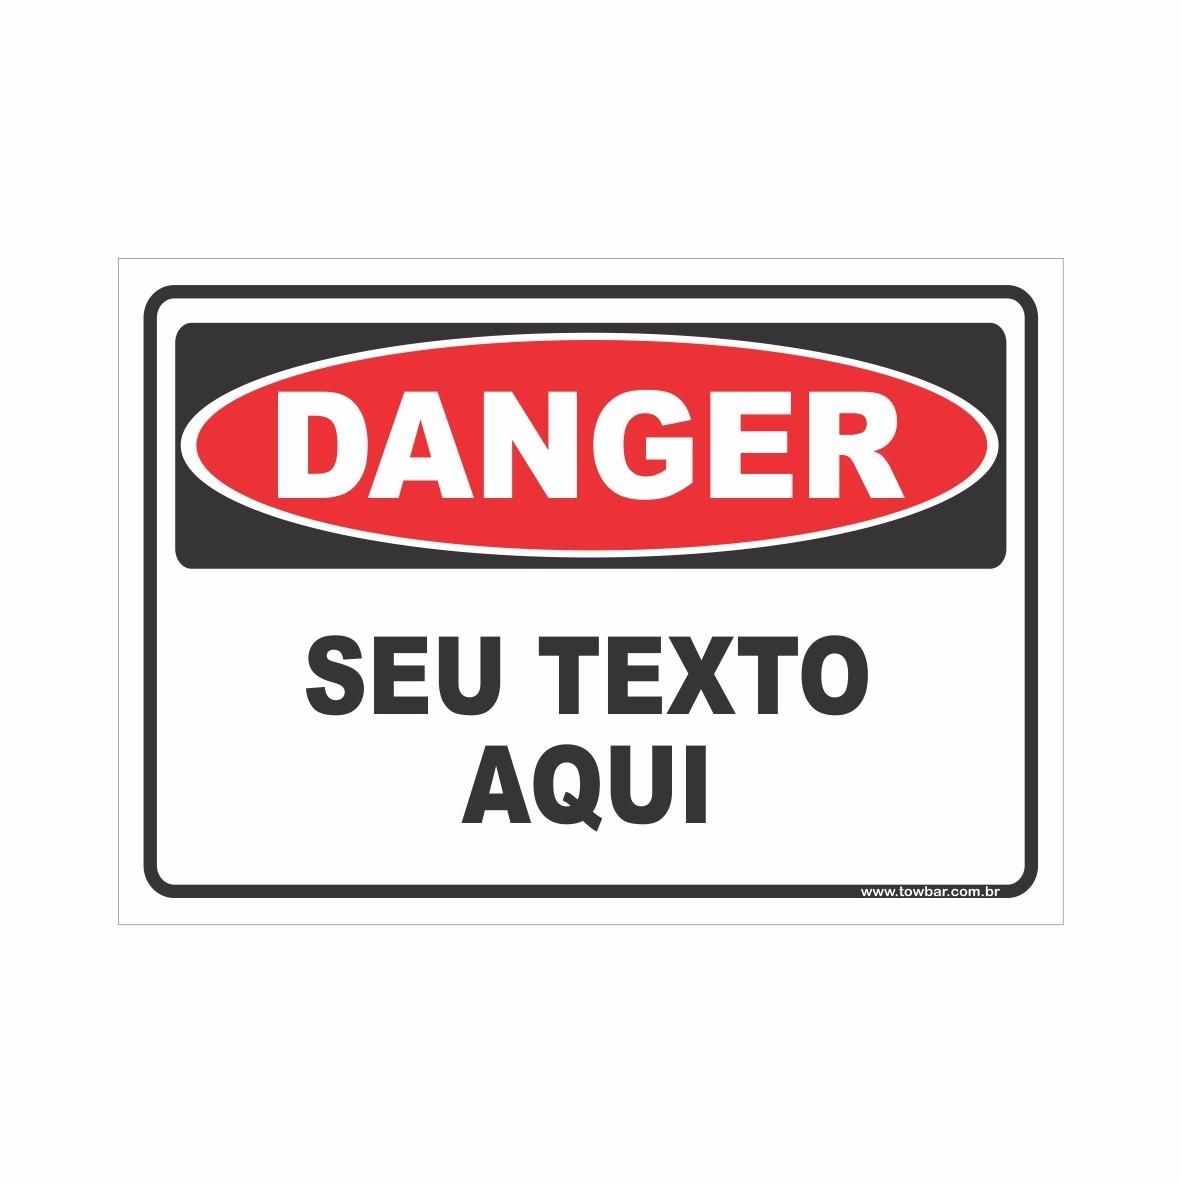 Danger  - Towbar Sinalização de Segurança